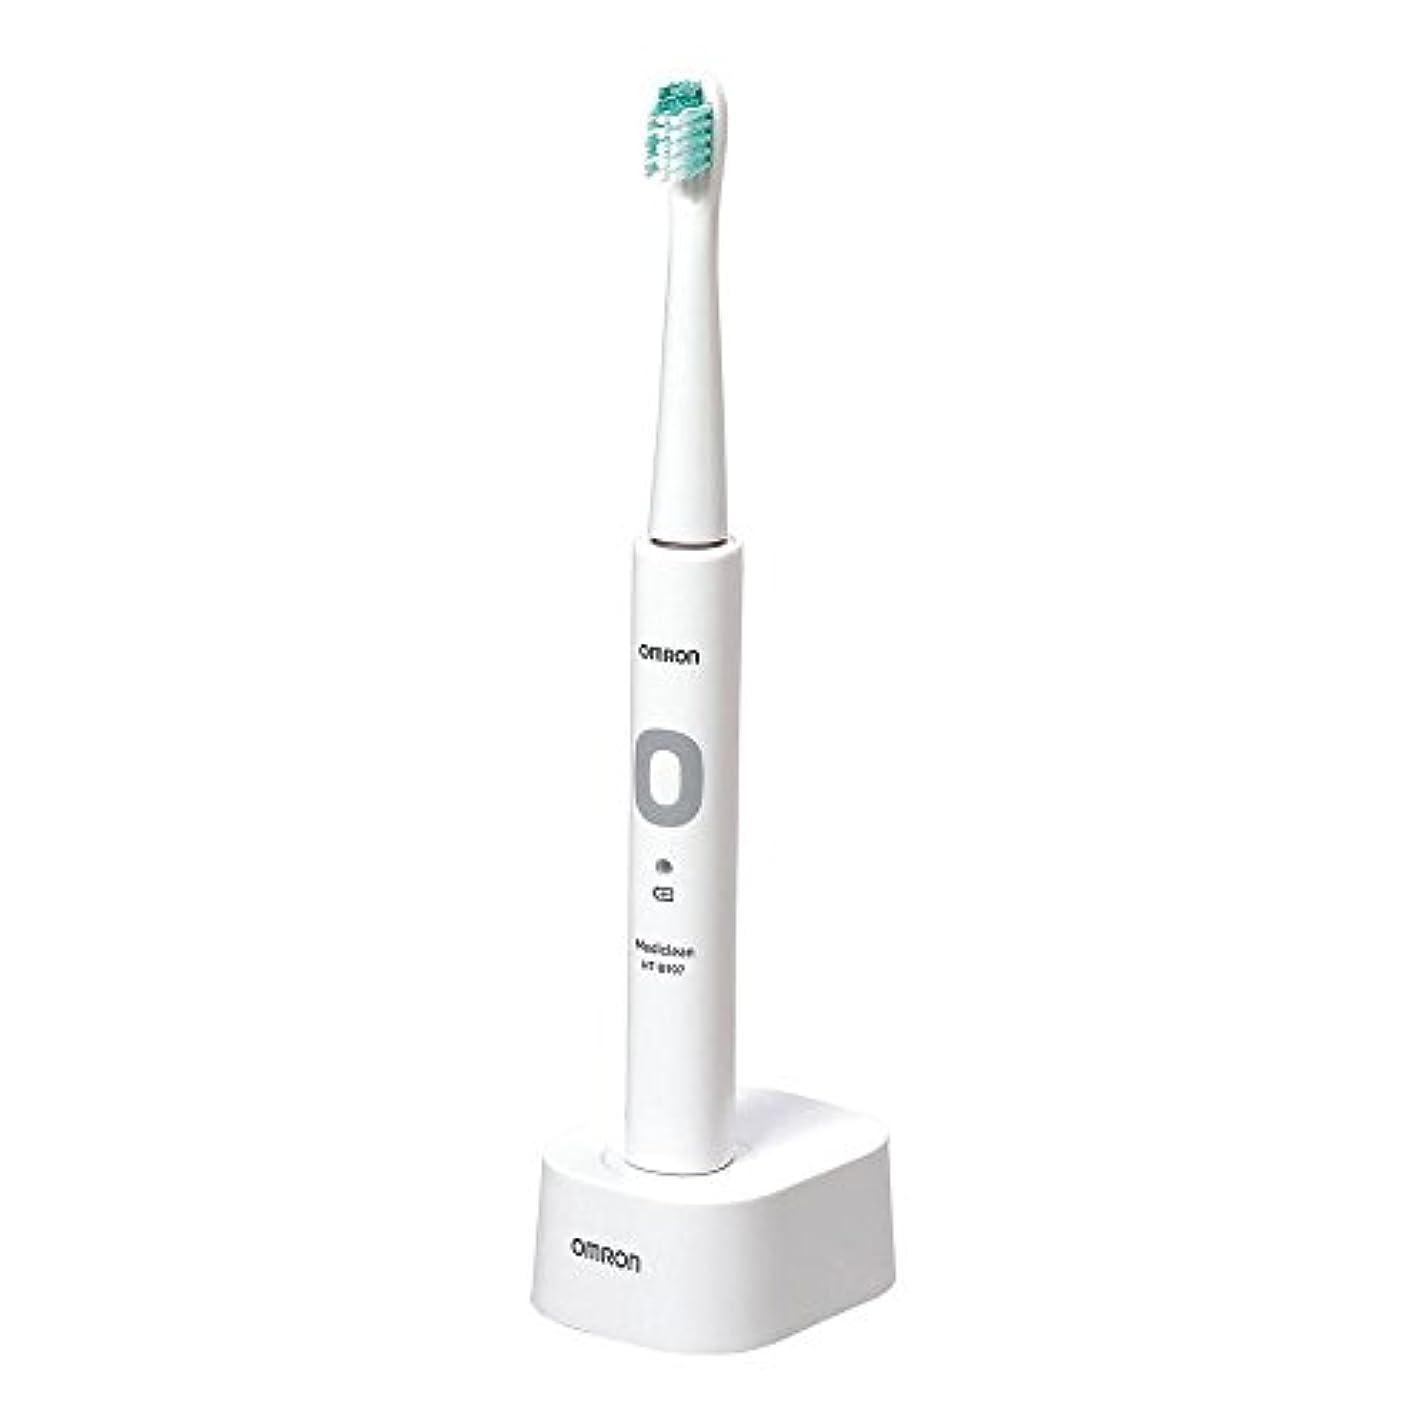 しばしば約かみそりオムロン 電動歯ブラシ 音波式 メディクリーン